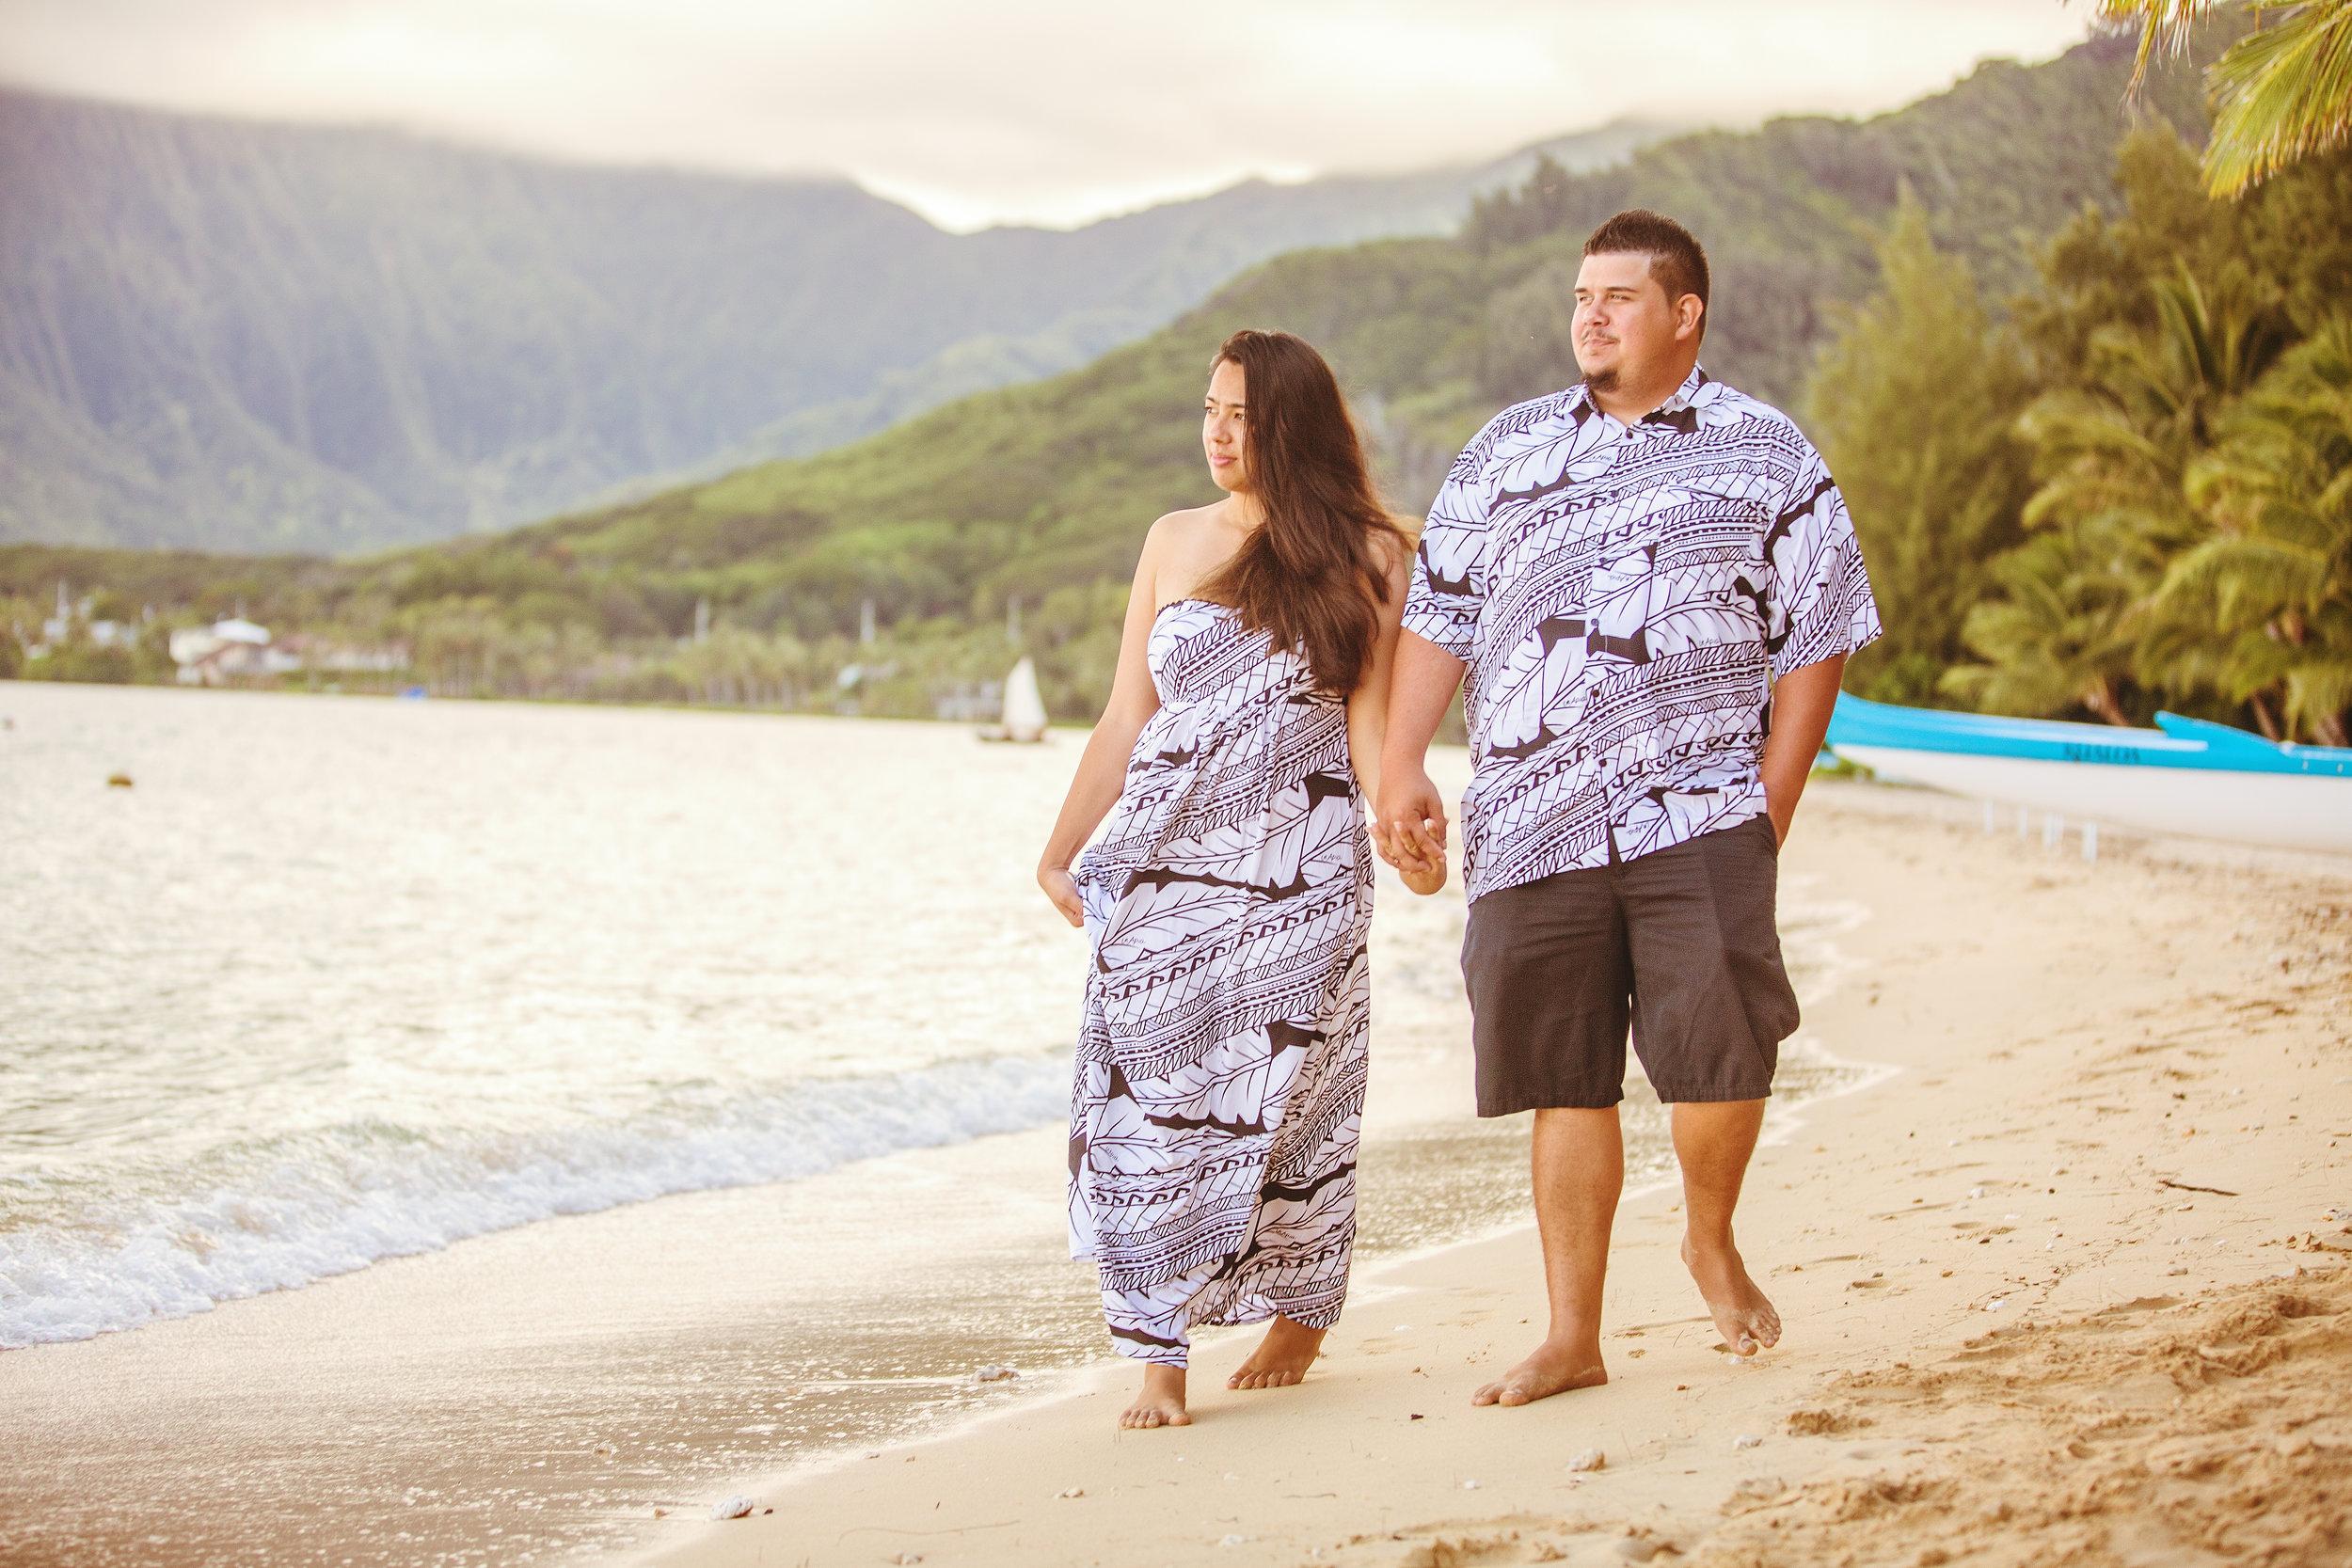 Hawai'i photographer, Oahu photographer, honolulu photographer, Hawaii Engagement photographer, Hawaii Engagement photography, Hawaii scenery, genkiphotos, genkimedia, engagement photos